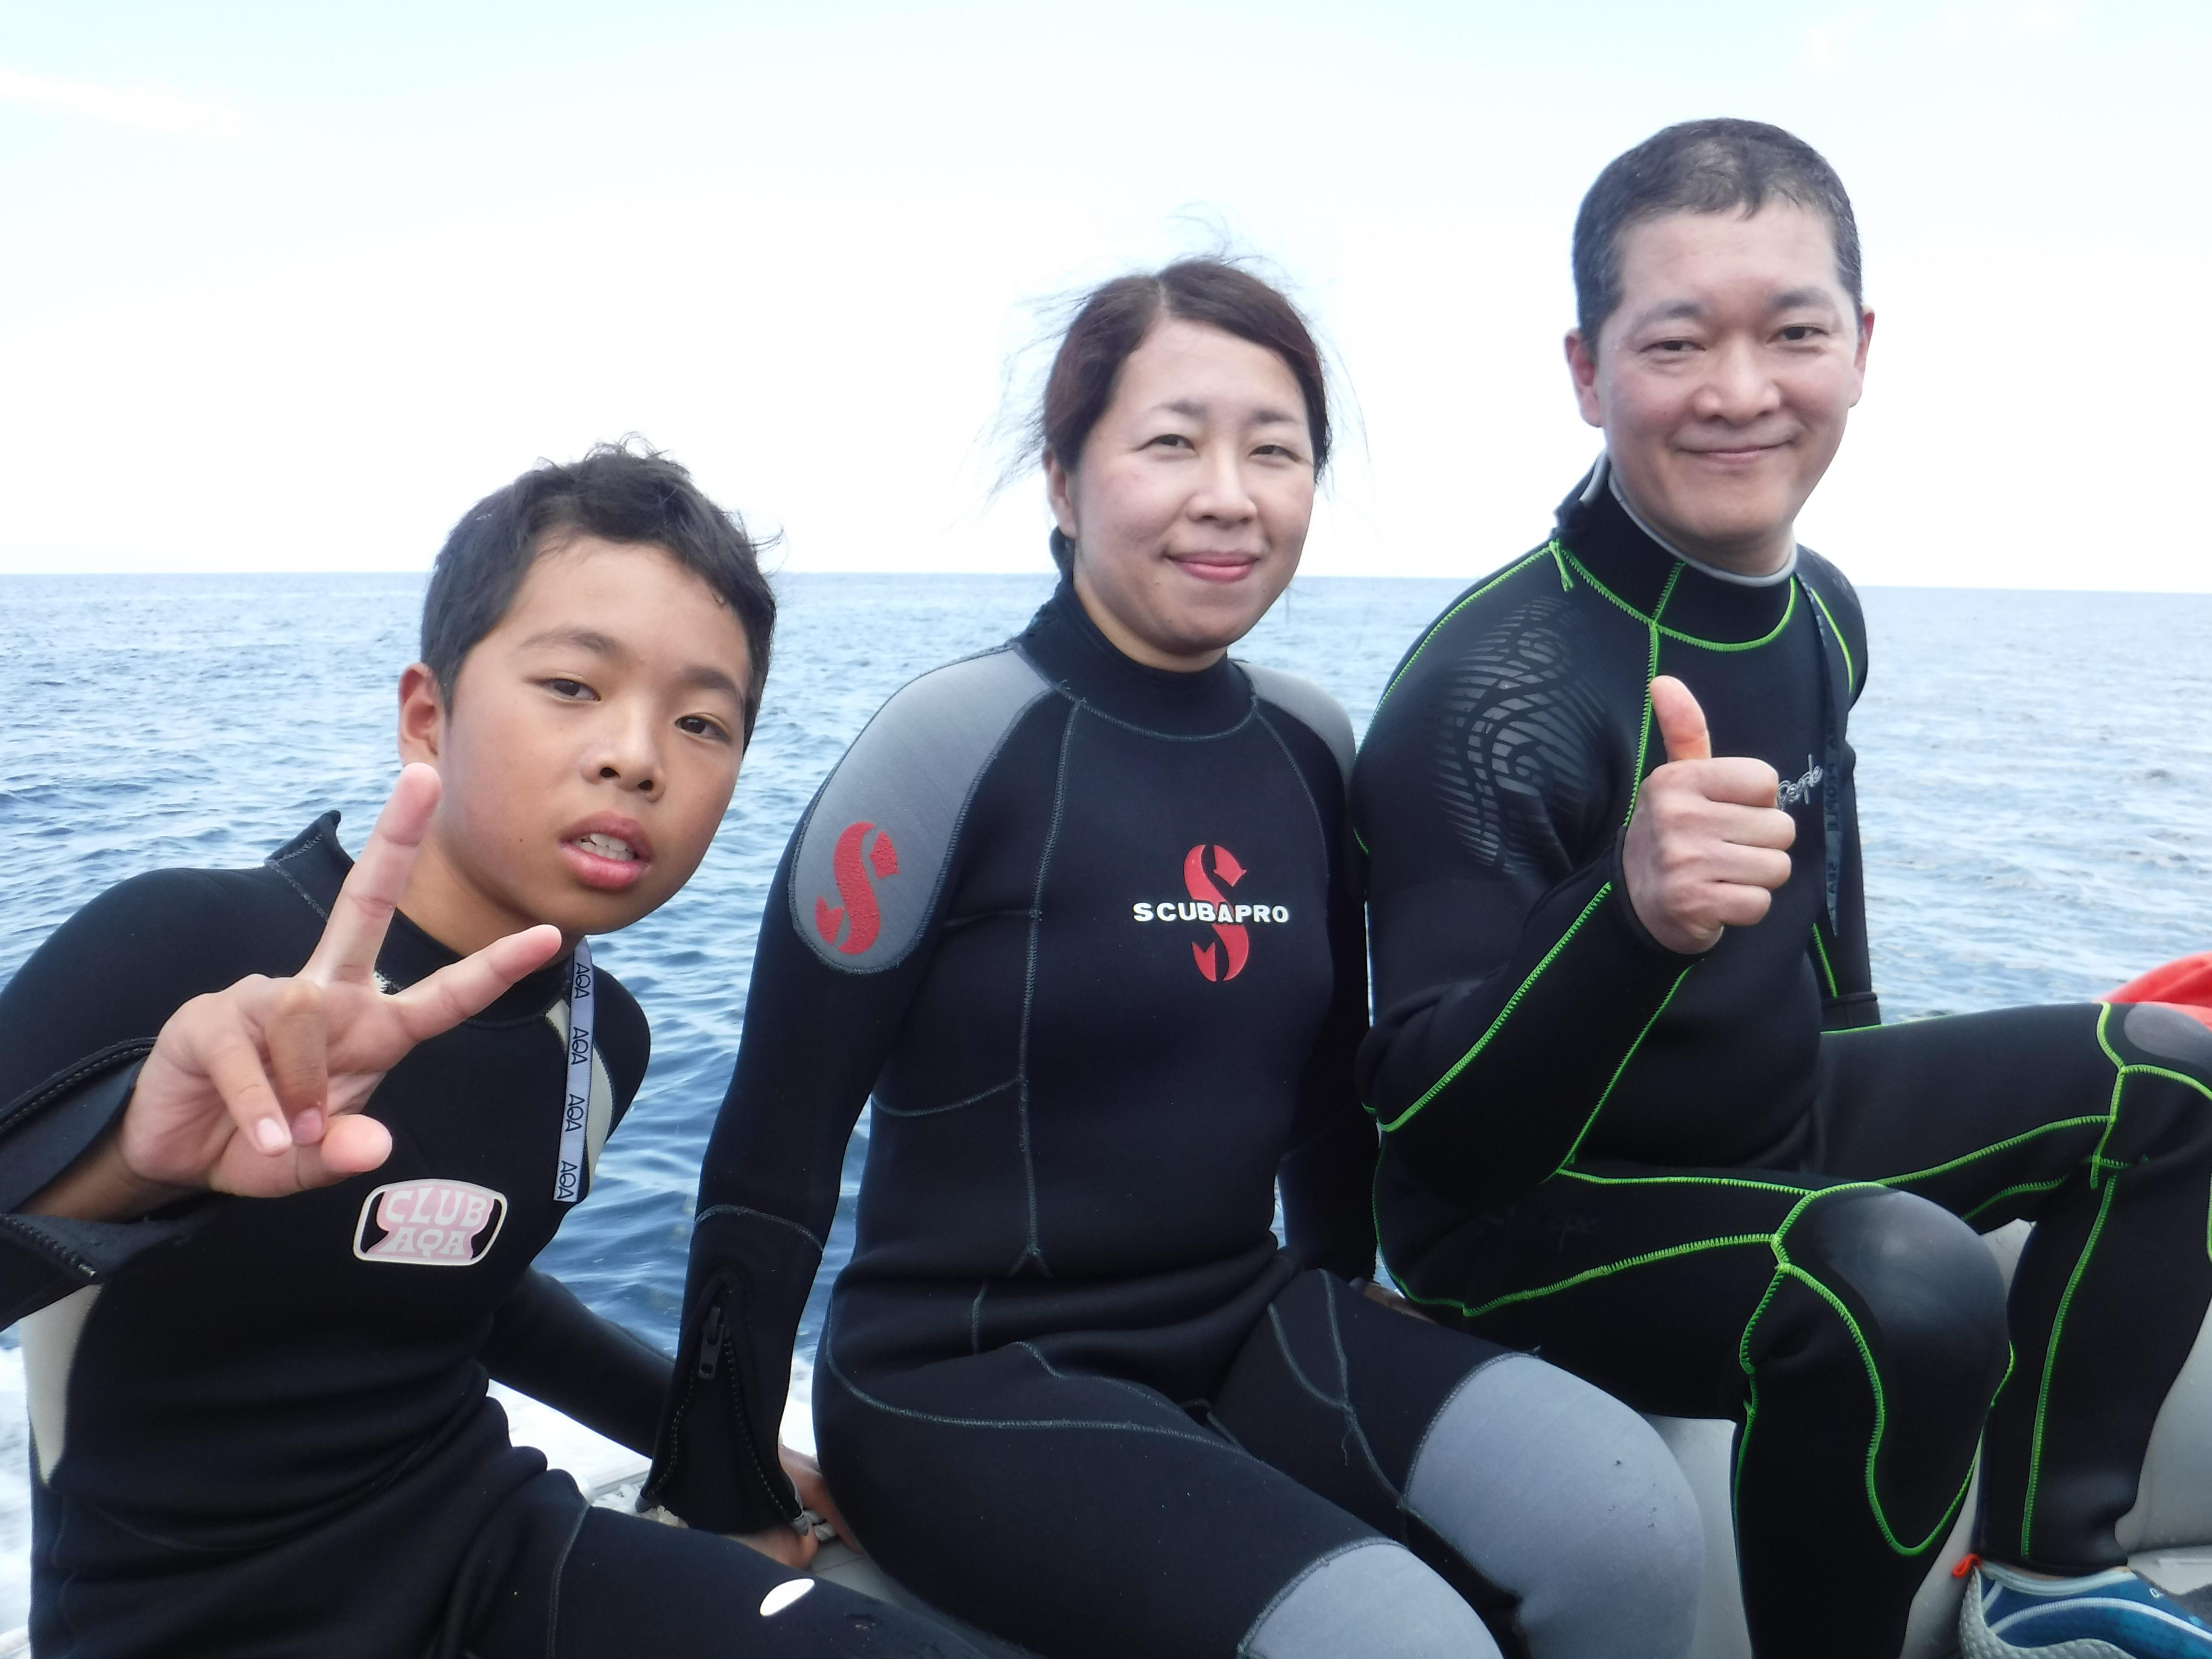 石垣はシュノーケル&ダイビング日和続きです☆